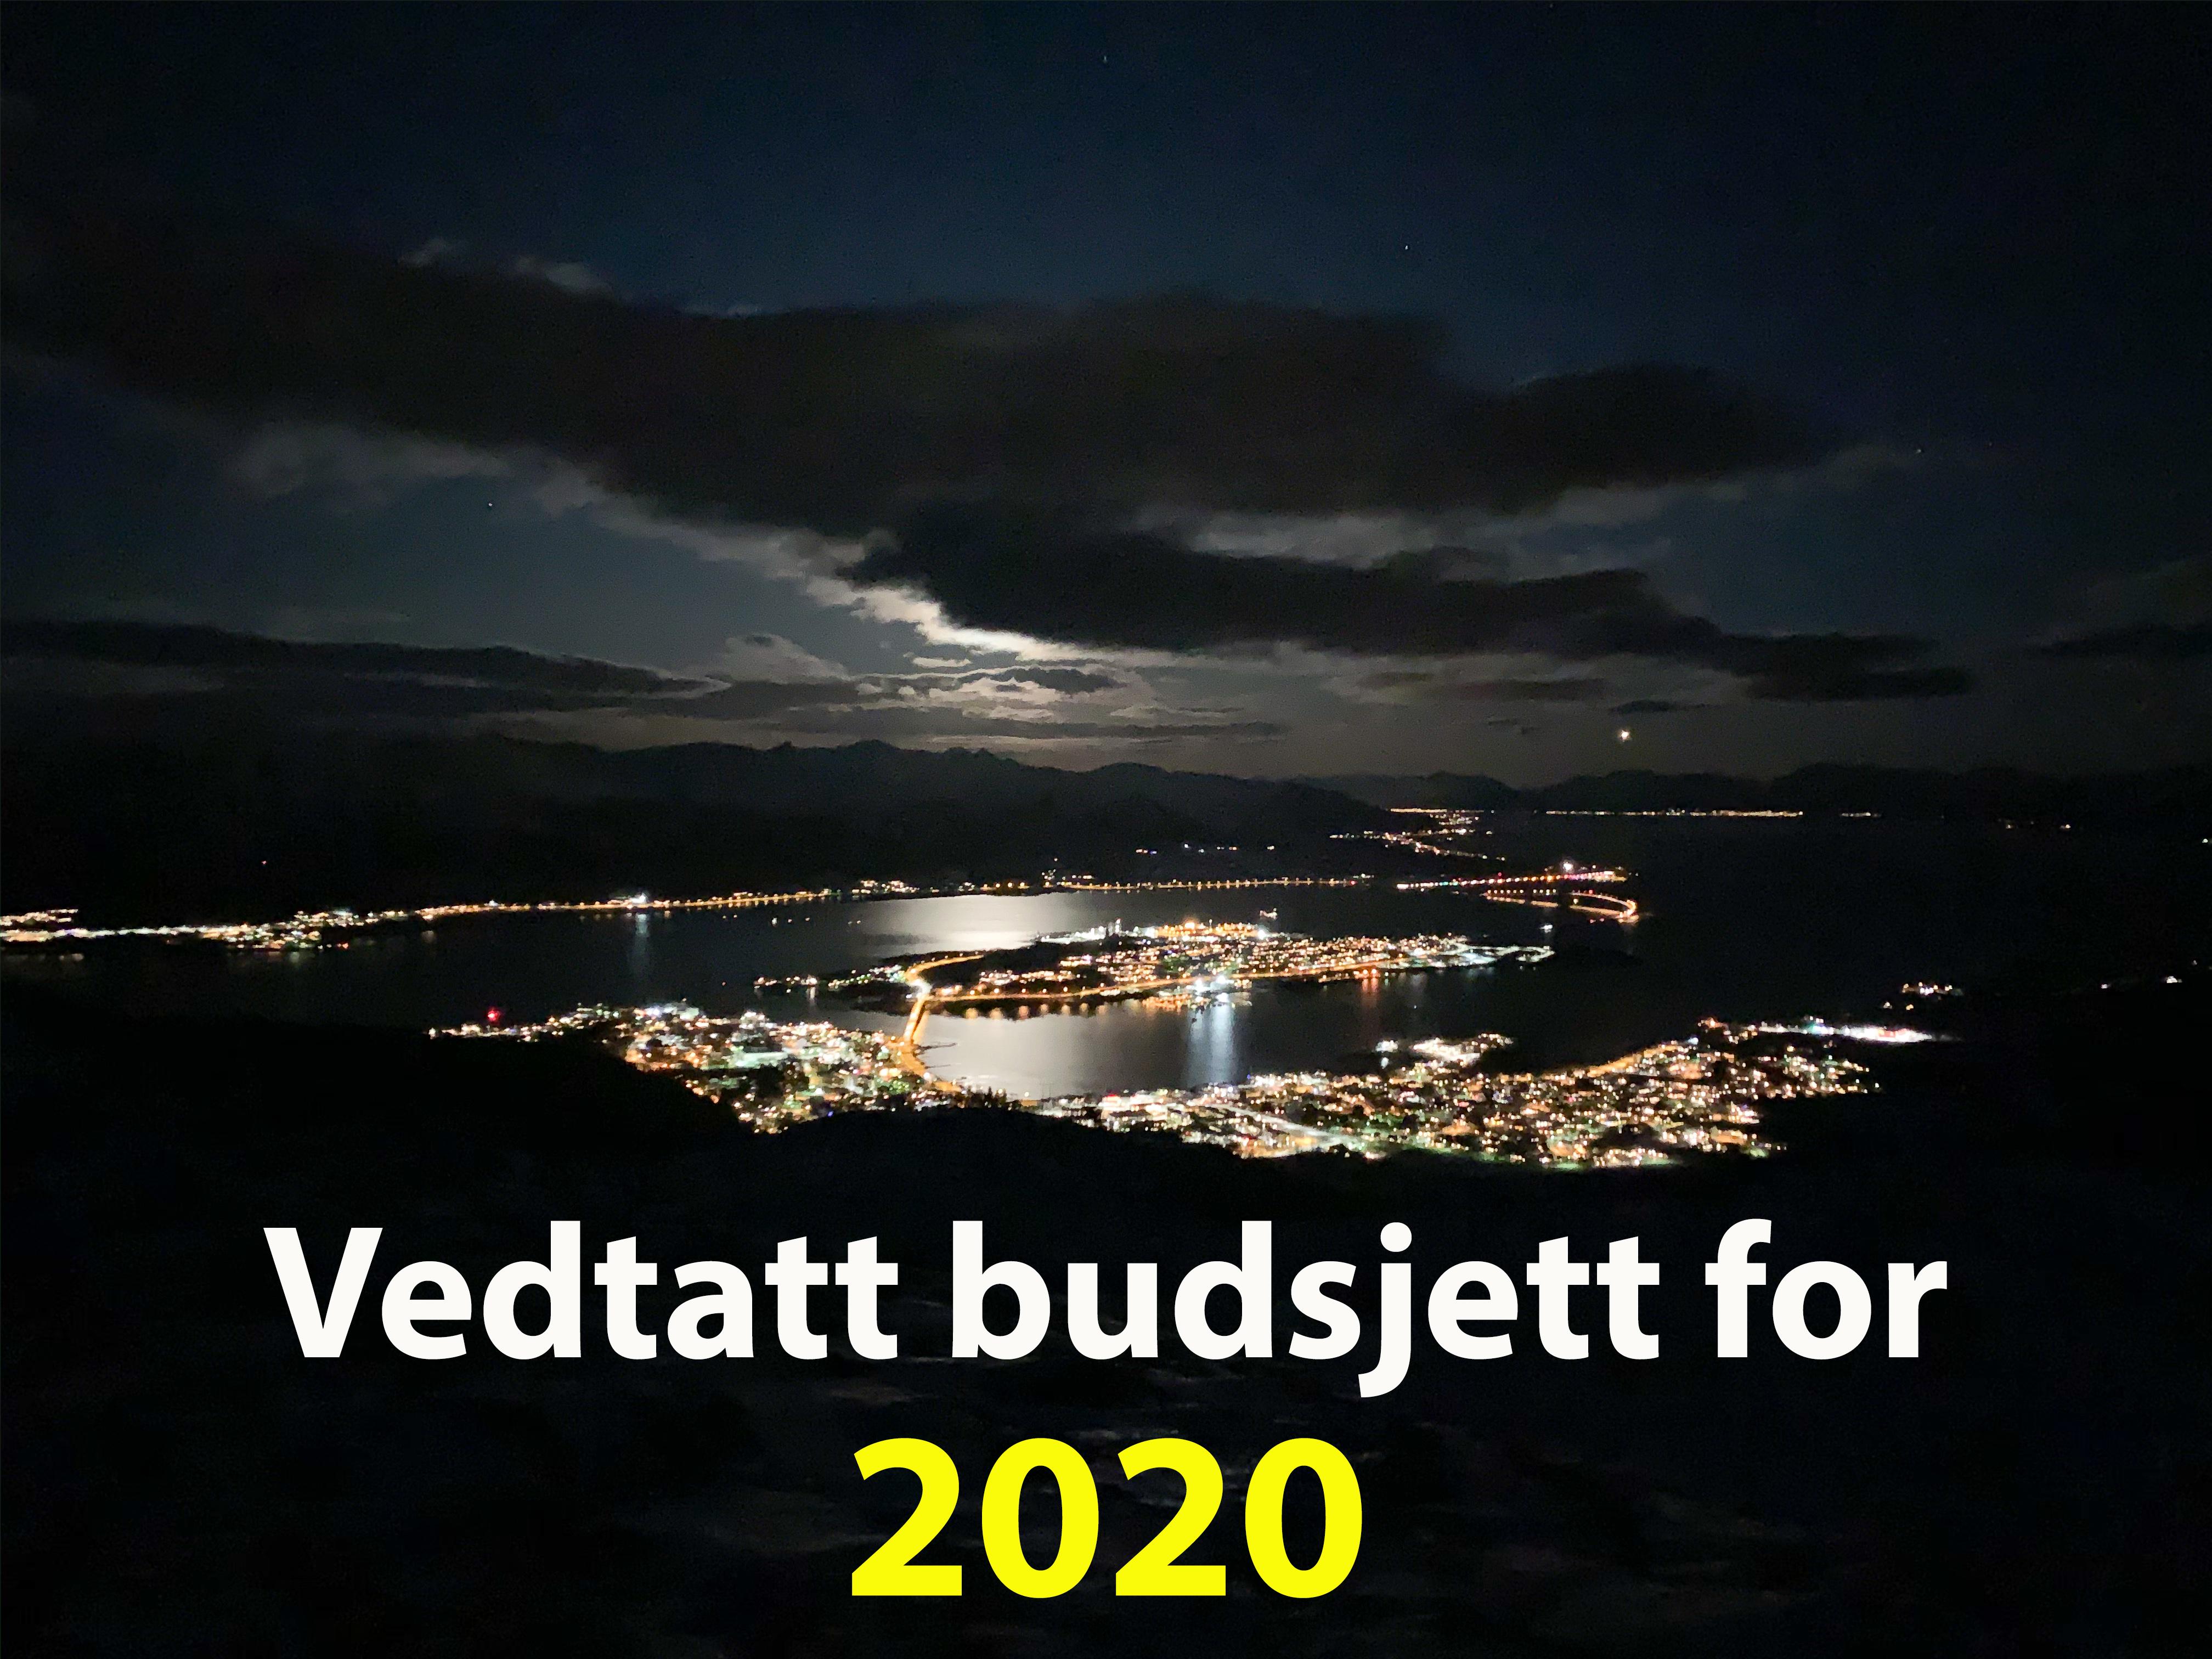 vedtatt budsjett 2020